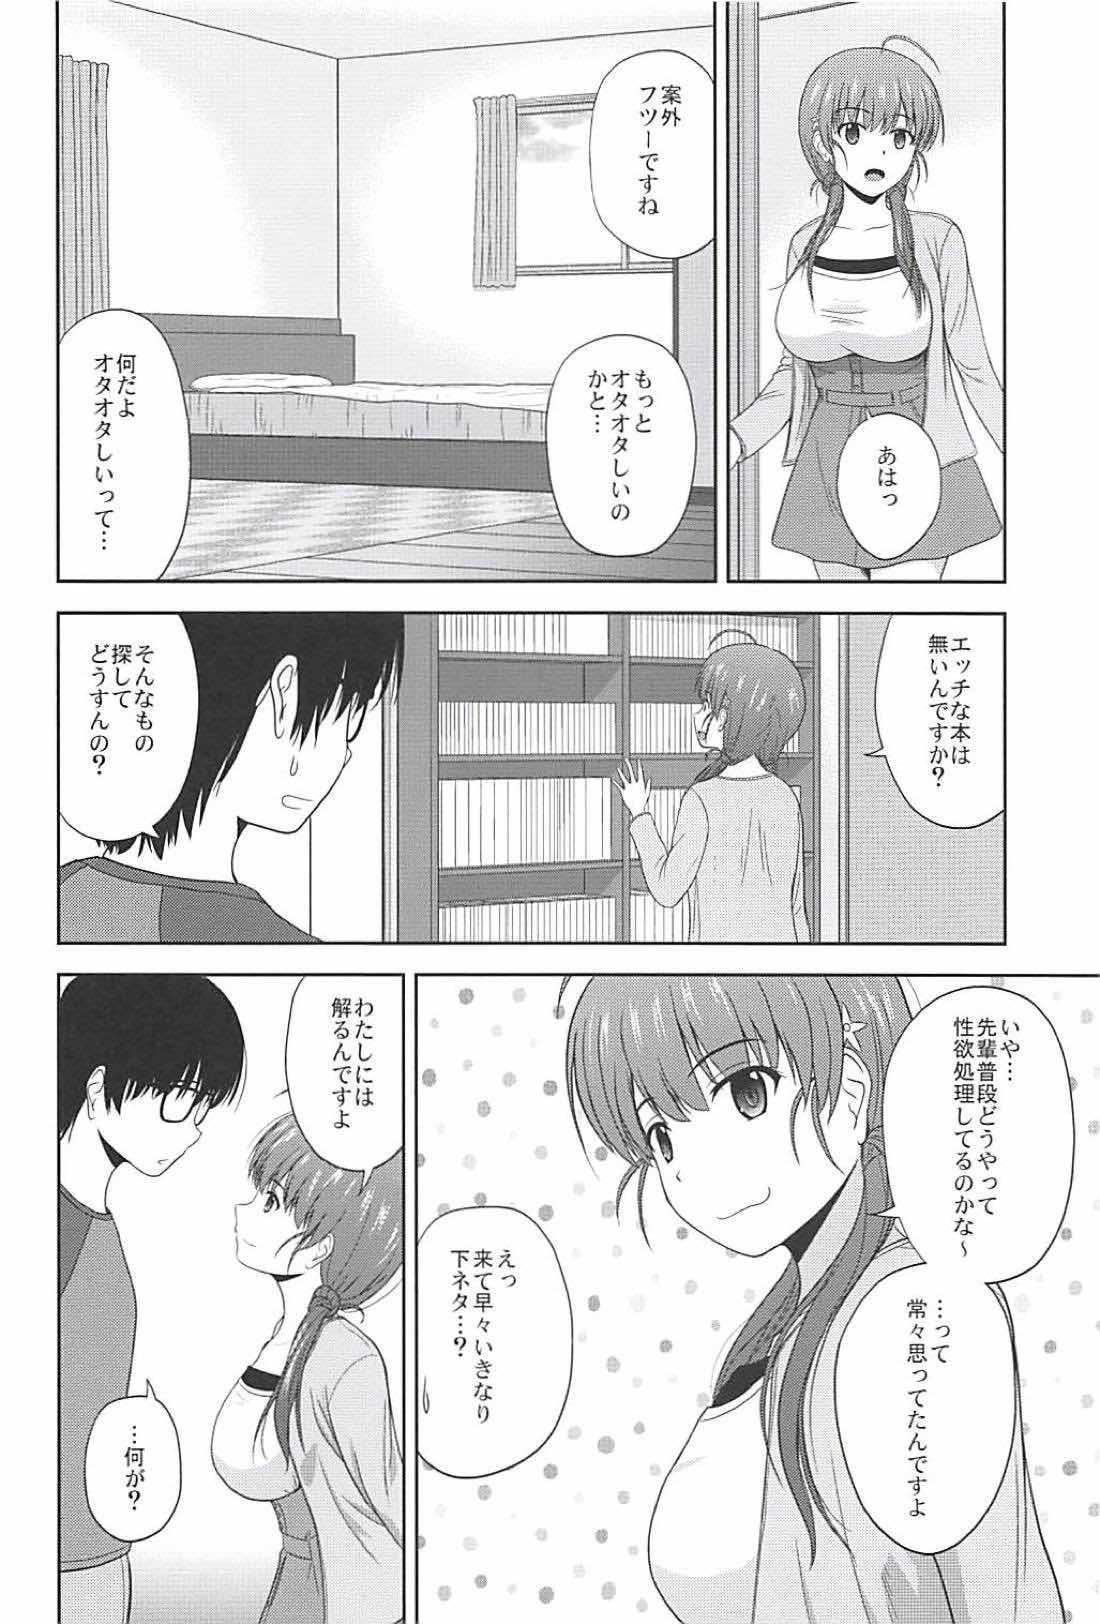 Shinsei Saenai Kanojo-tachi no Rinri Shinsakai 2